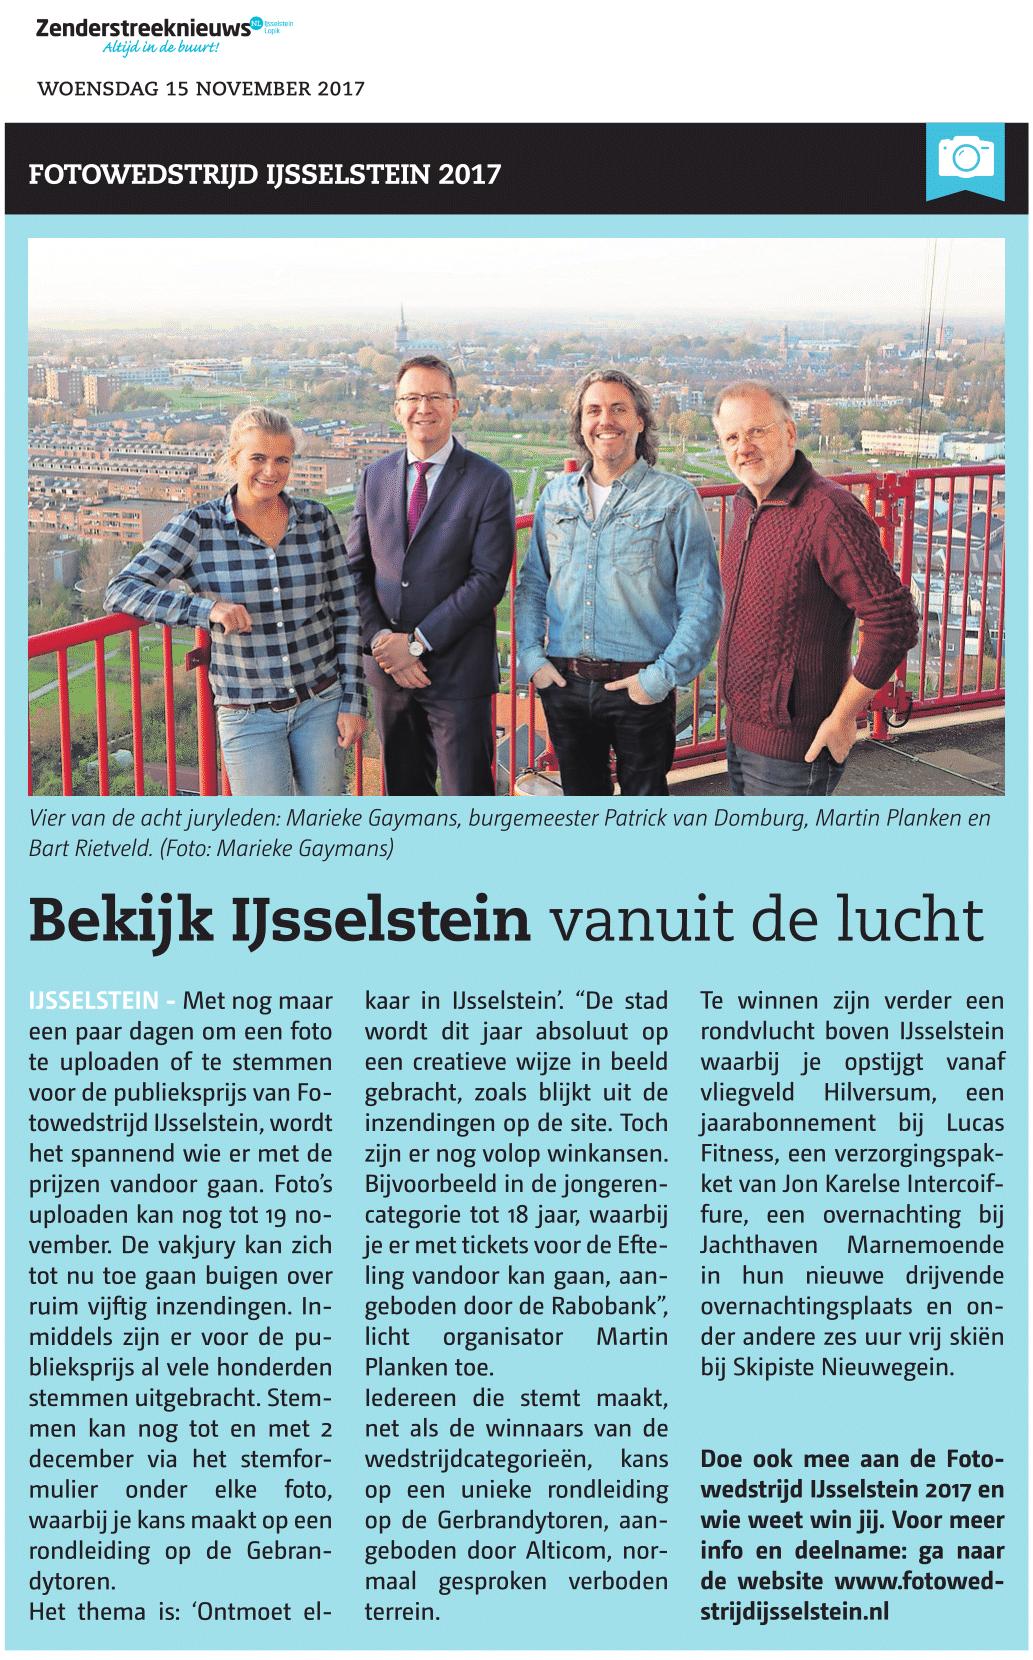 Fotowedstrijd IJsselstein in de Zenderstreeknieuws